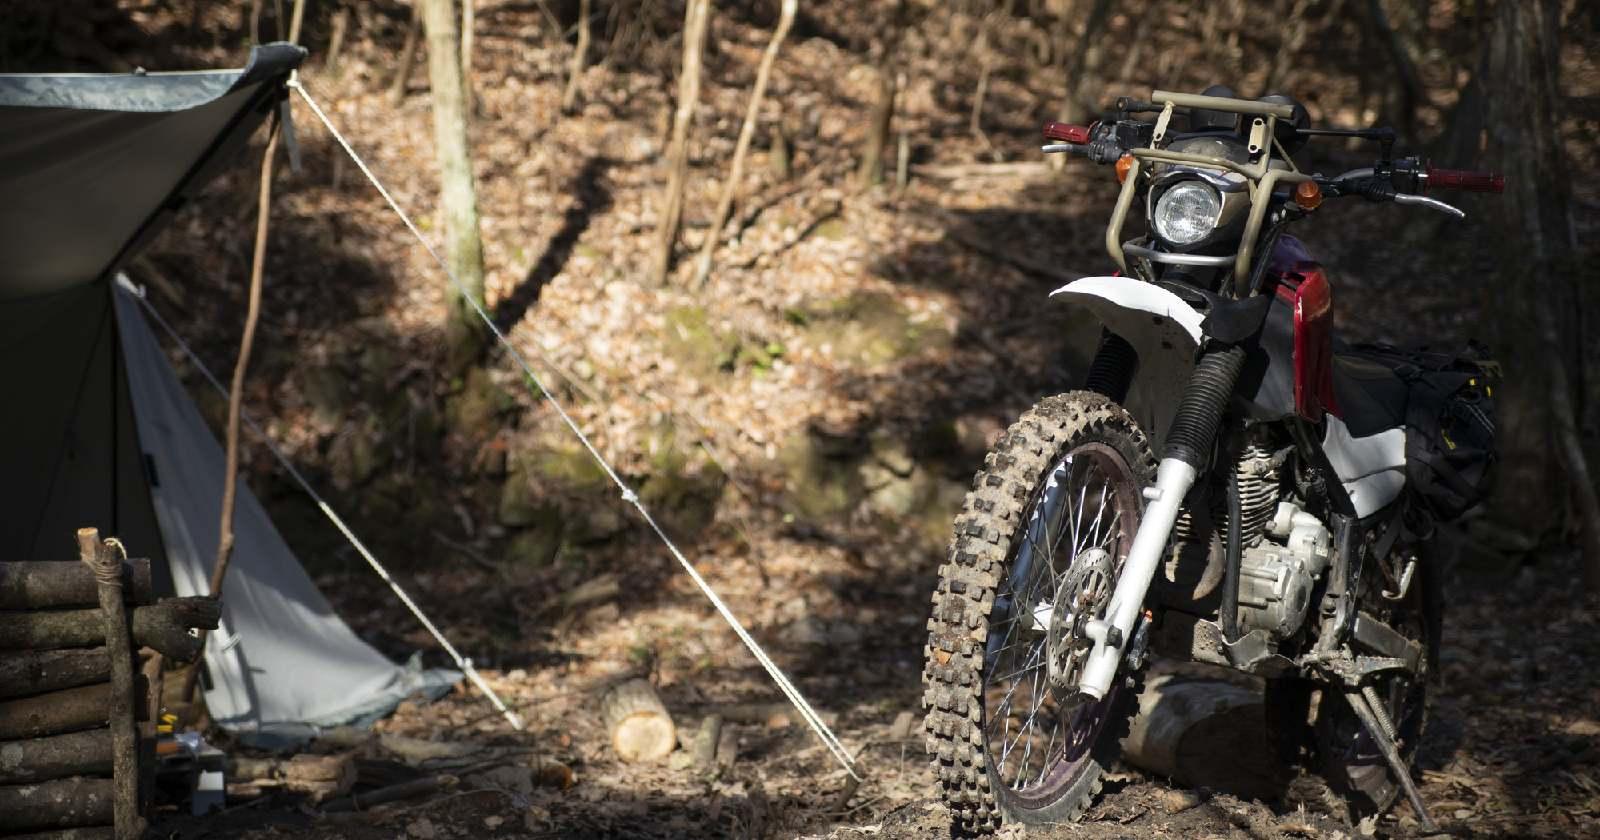 バイク乗りにおすすめ!バイクで乗り入れできる関東のキャンプ場9選